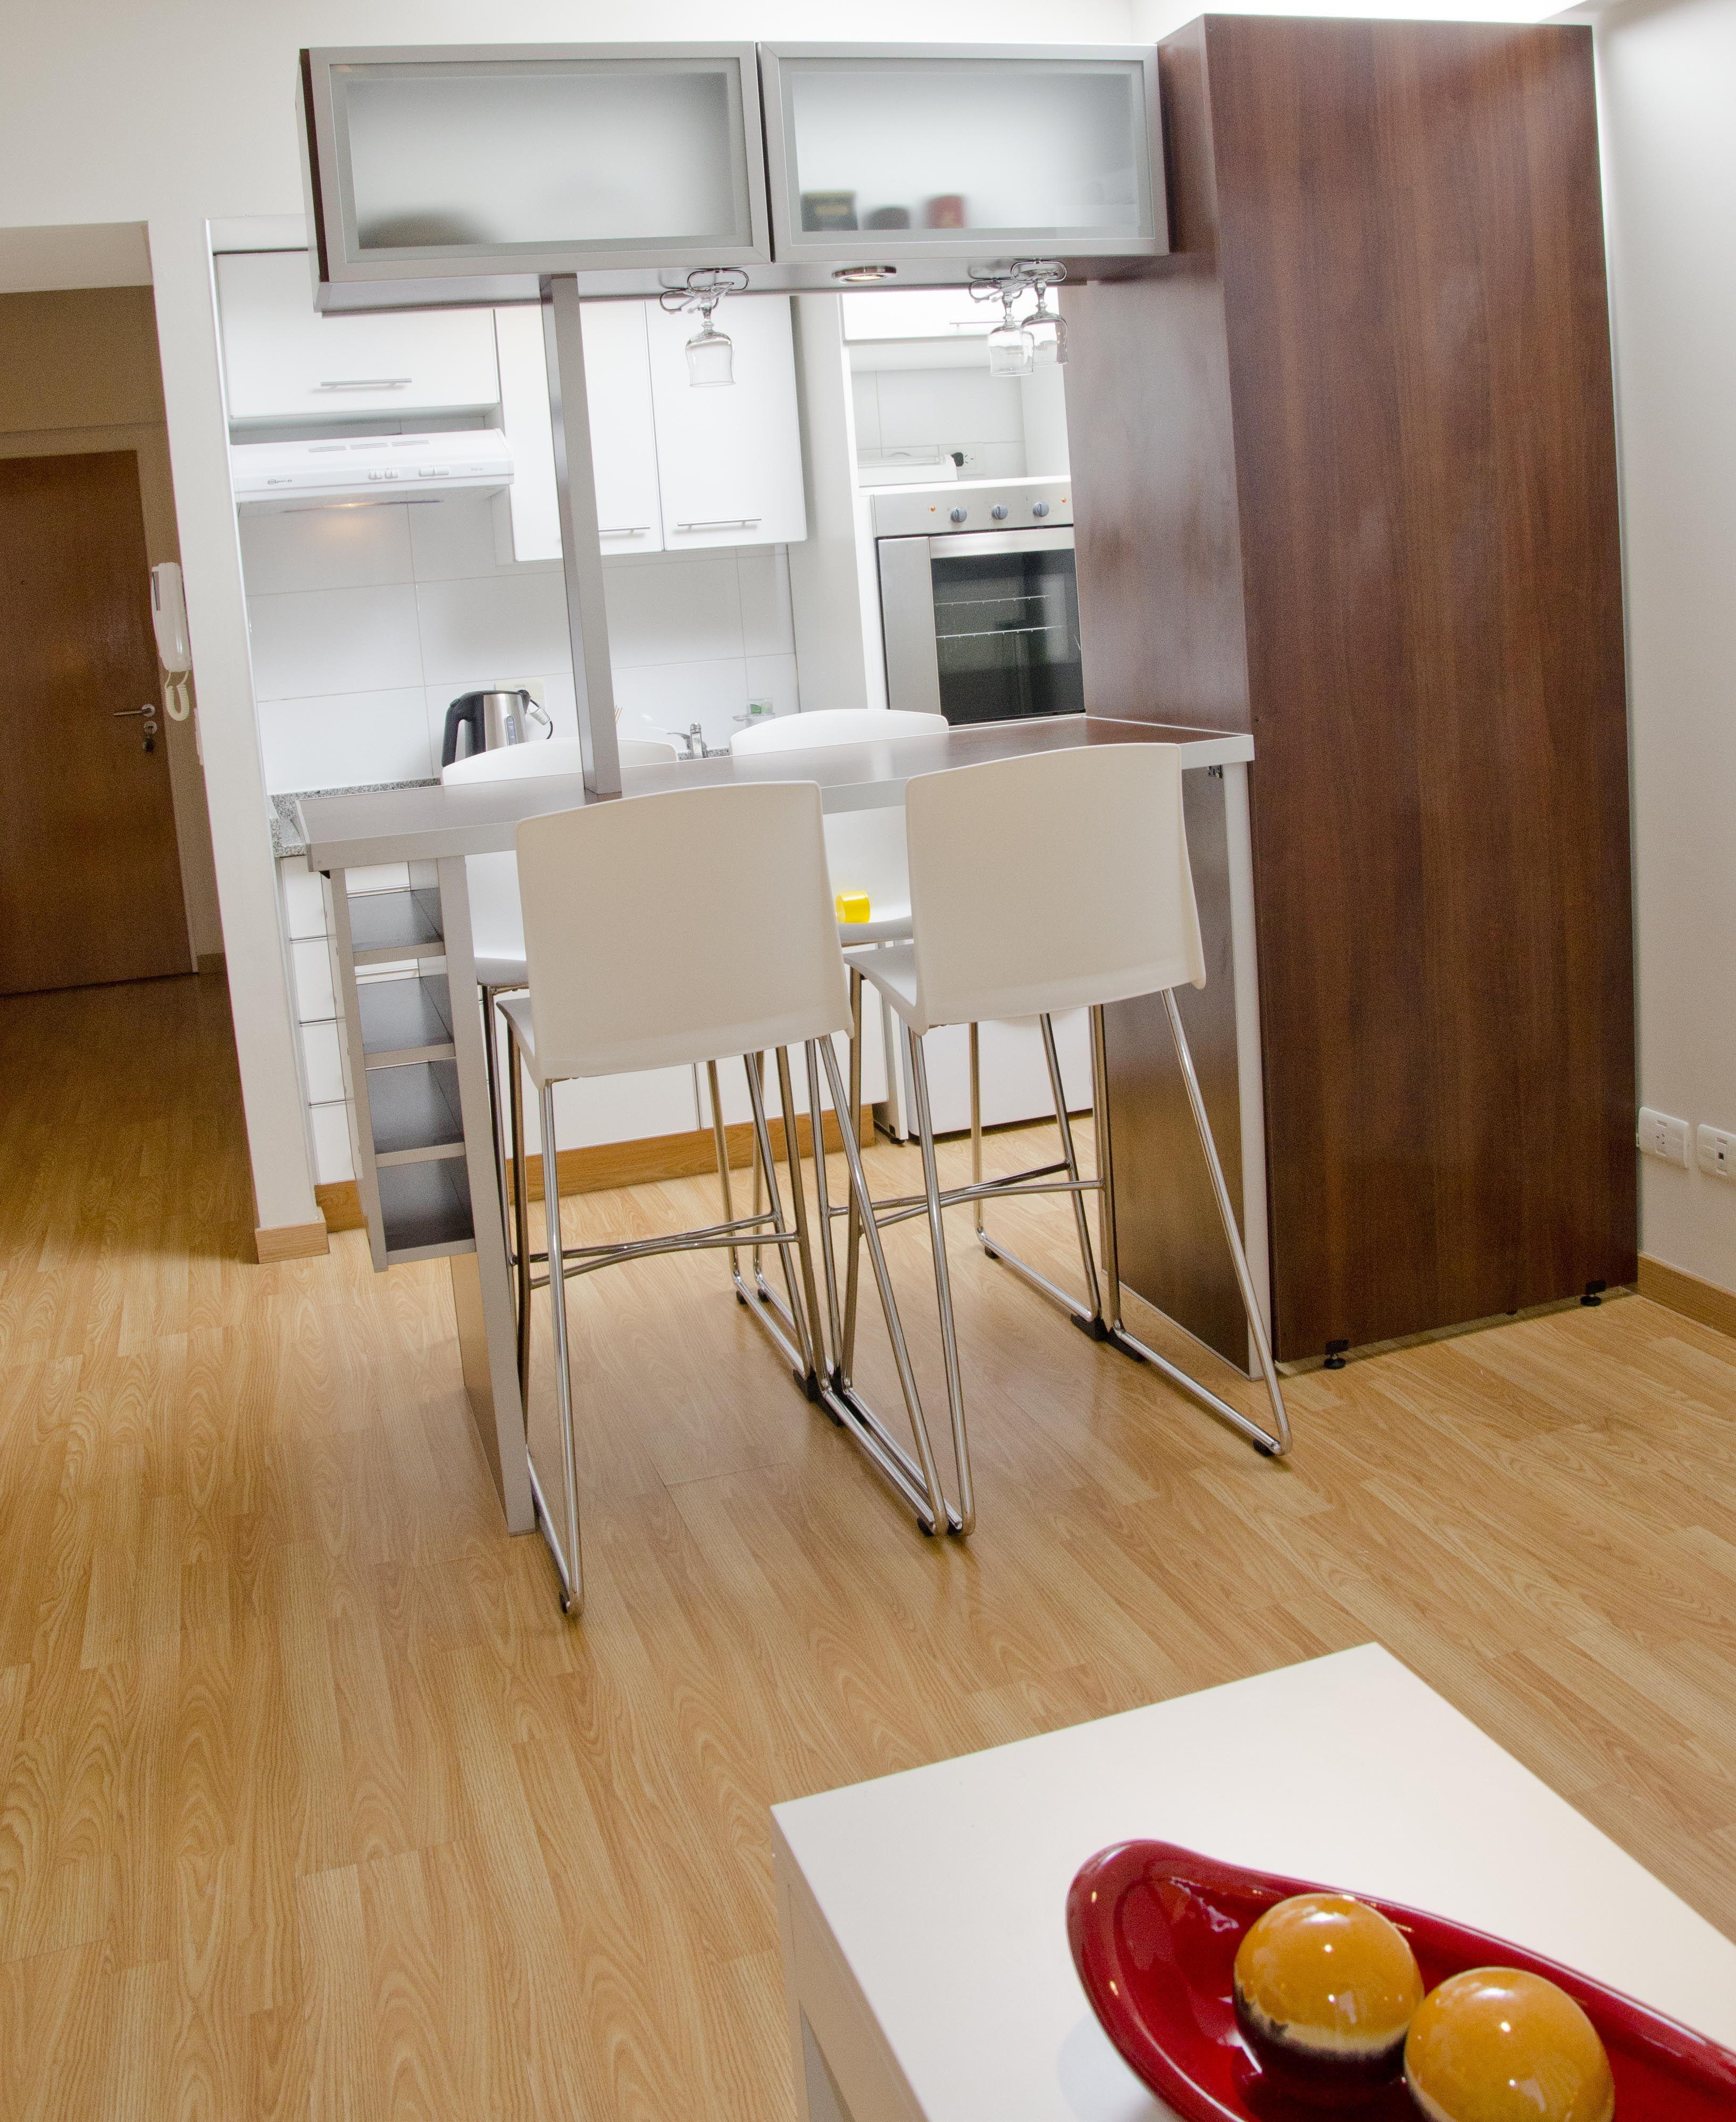 Desayunador d 480 con alacenas vidriadas luces y coperos for Mueble barra cocina